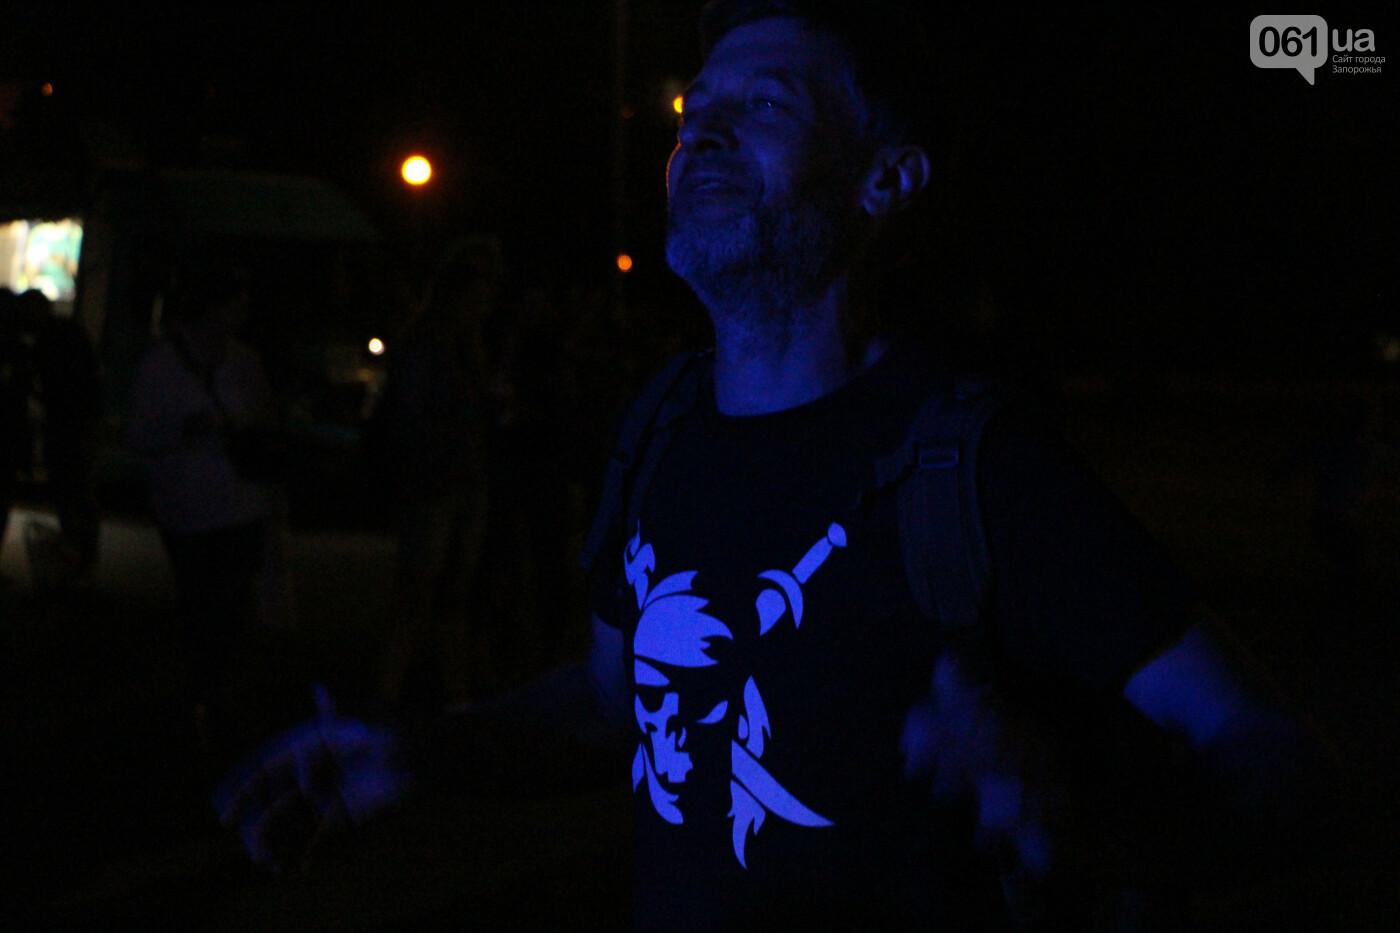 Концерт группы «Жадан і Собаки» собрал сотни запорожцев: как это было, - ФОТОРЕПОРТАЖ, фото-23